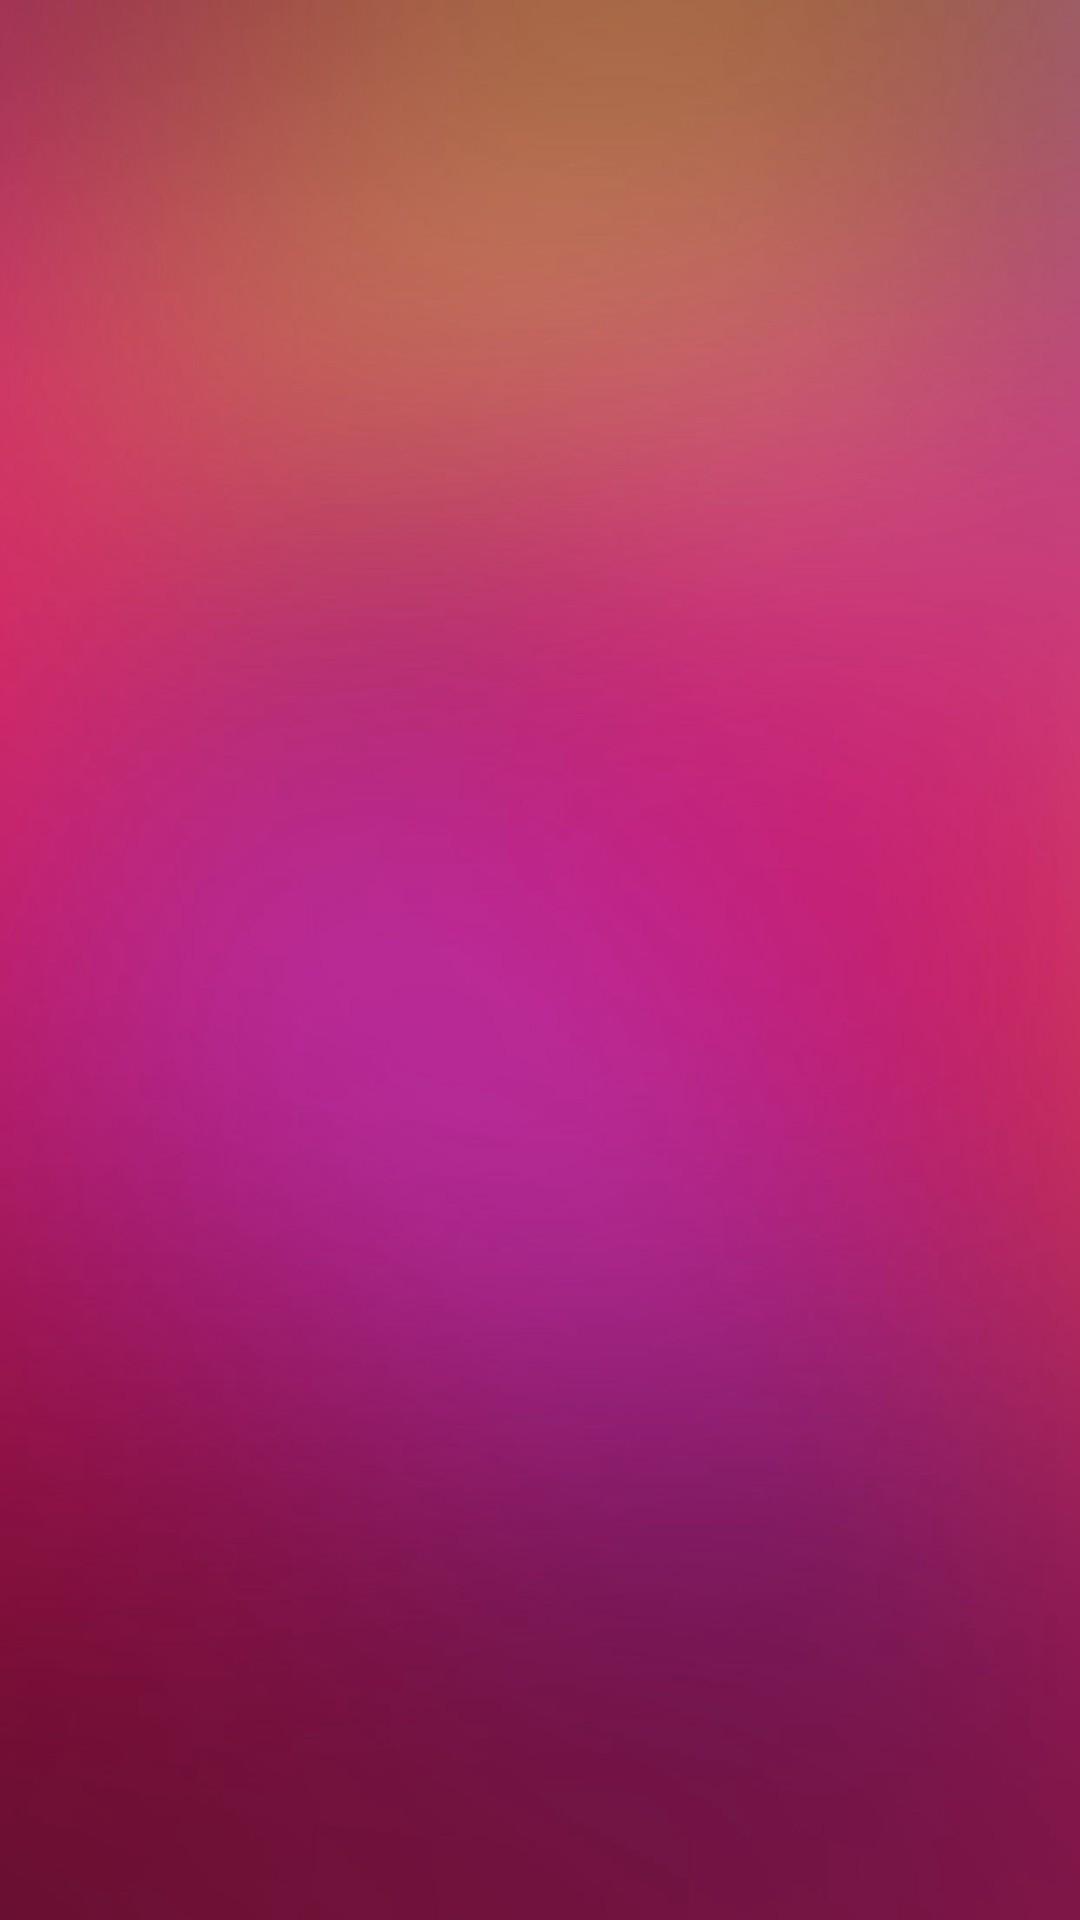 Hot Pink Red Gradation Blur iPhone 6 wallpaper